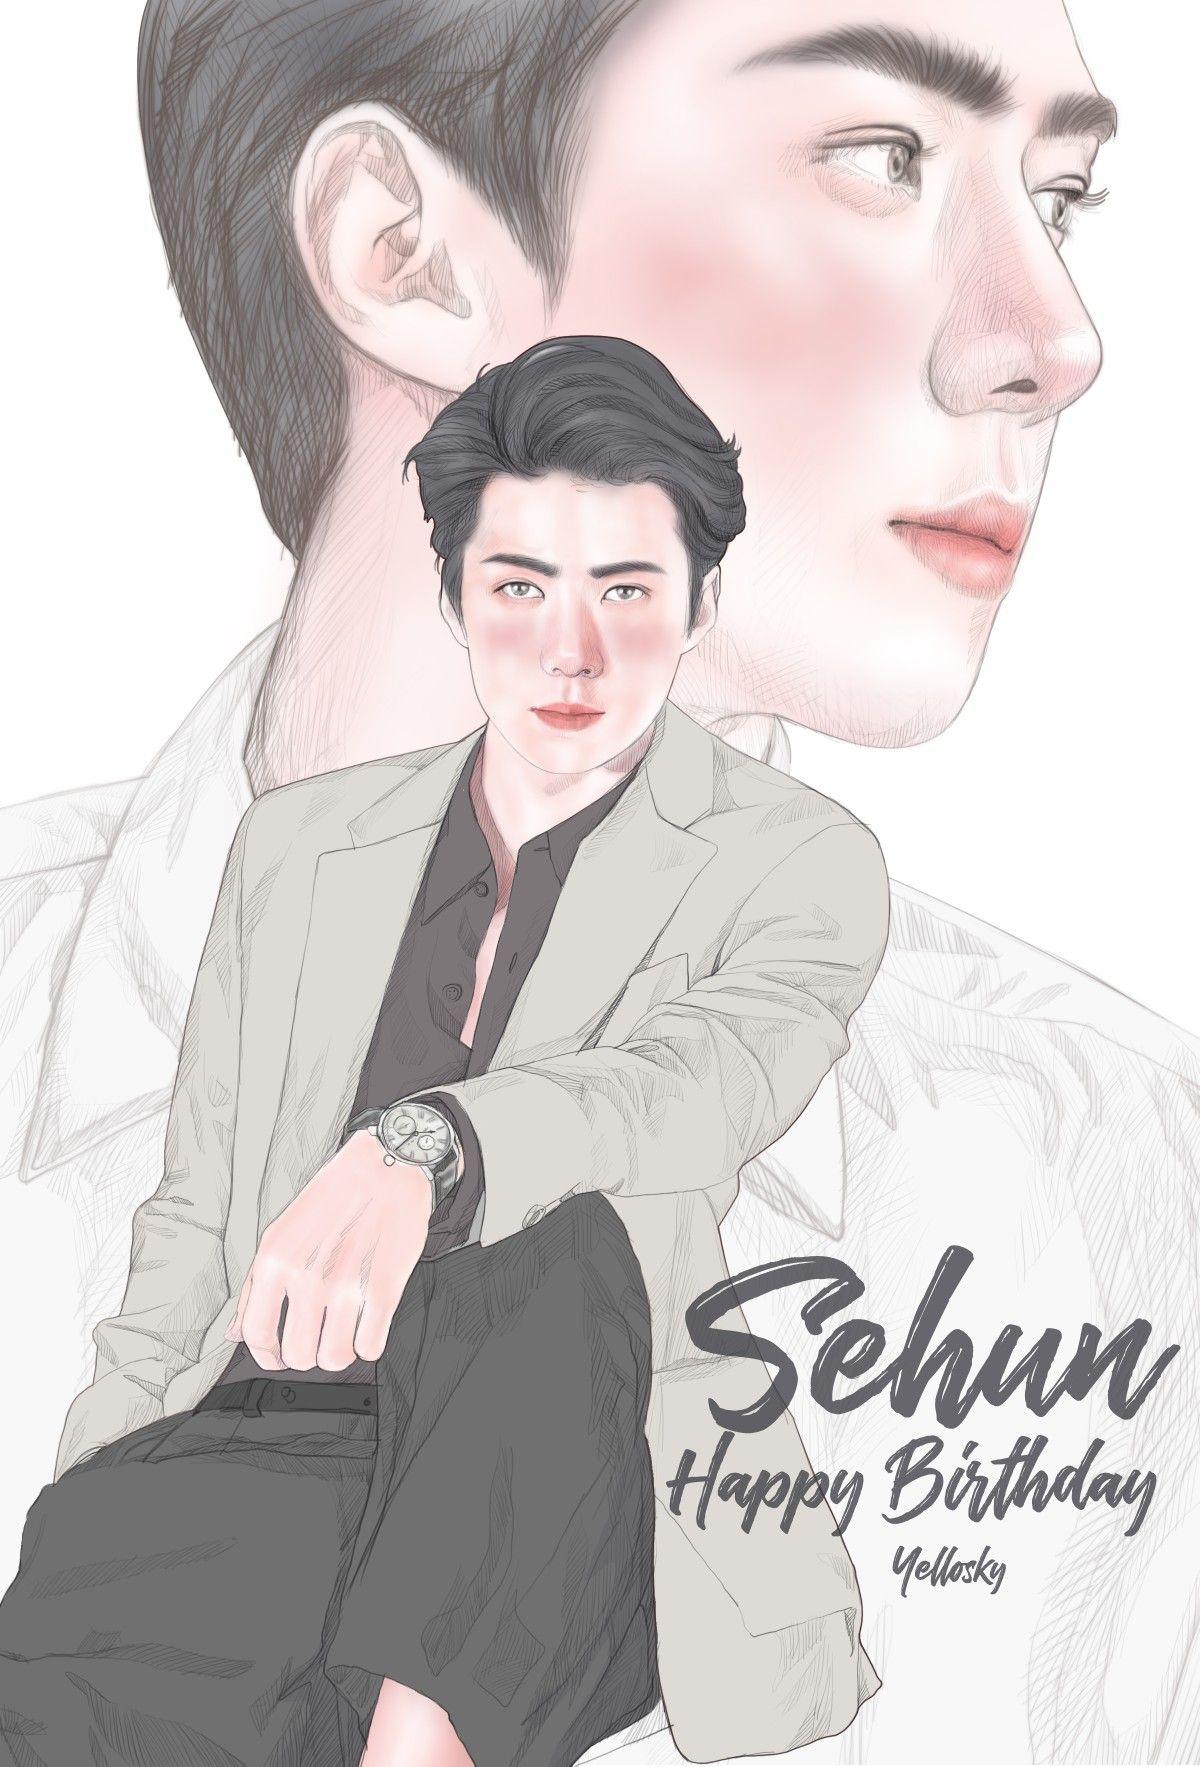 Happy Birthday To My Sehun Exo Fanart Ilustrasi Ilustrasi Kartun Gambar